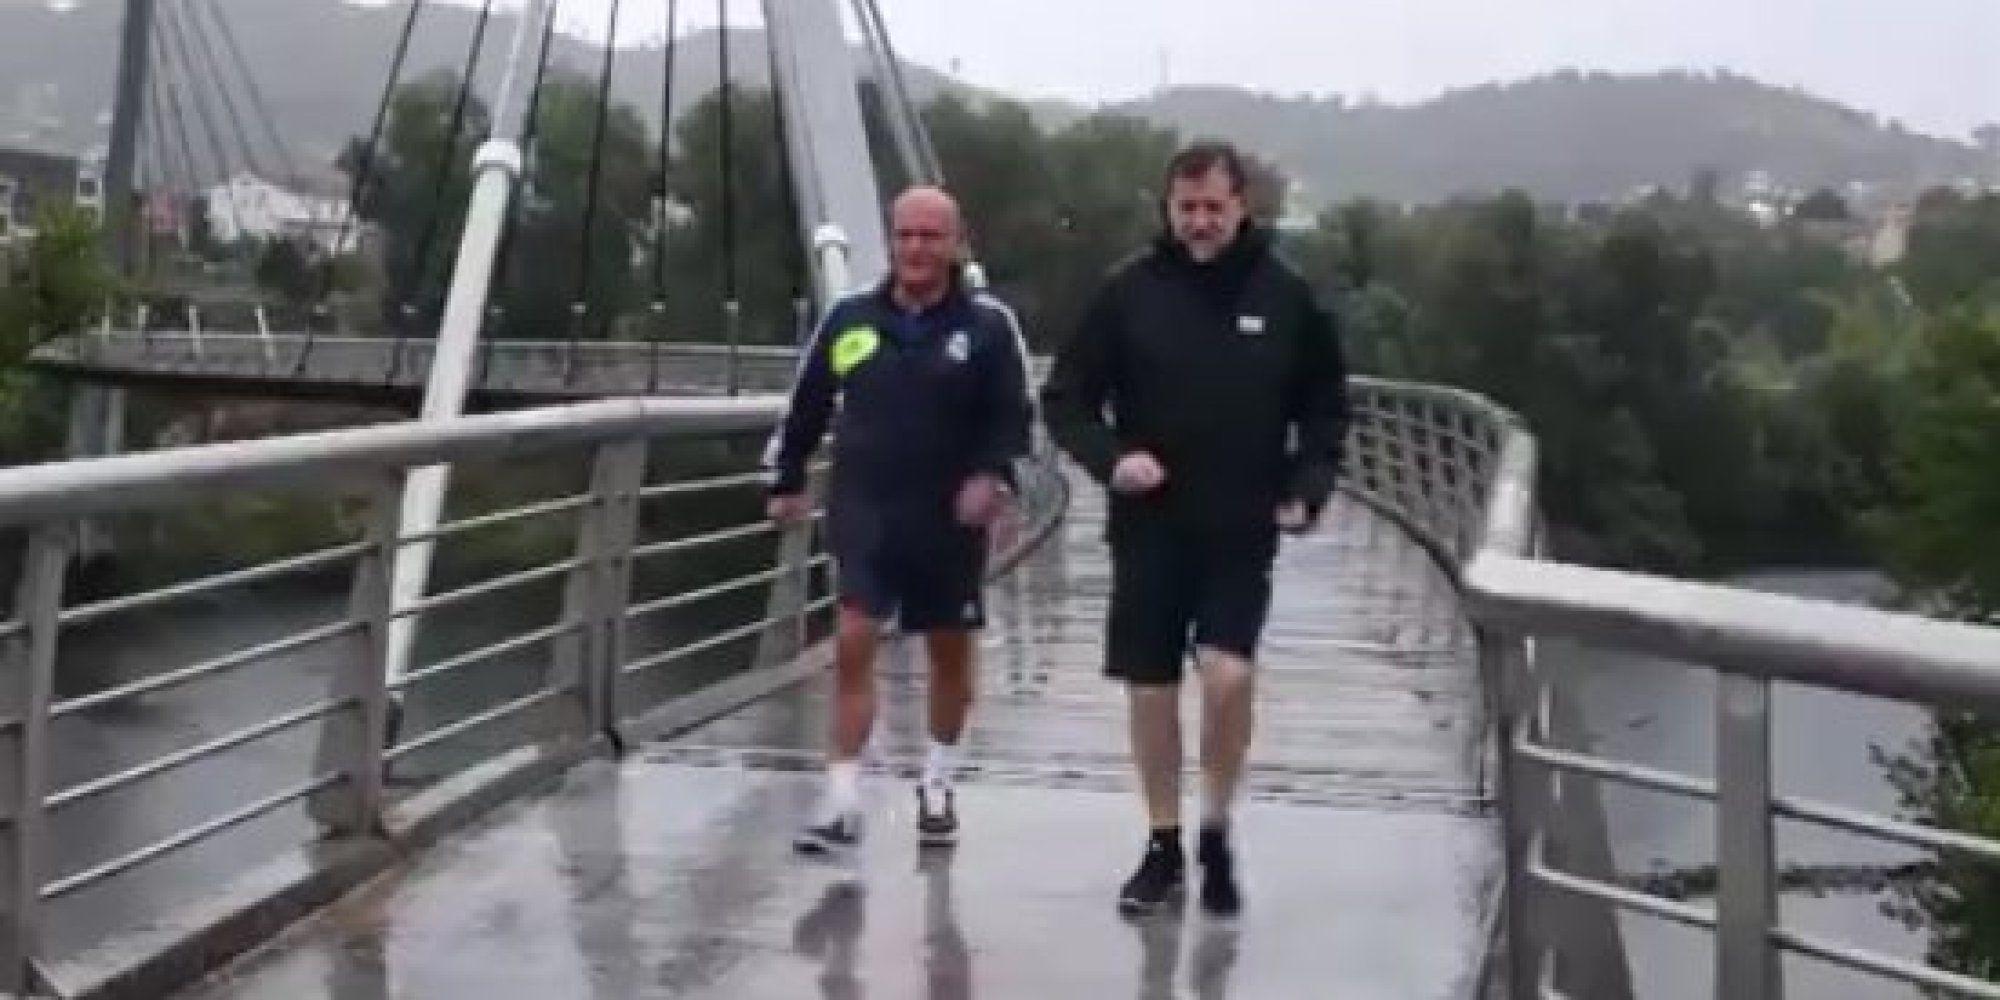 El paseo de Rajoy con José Manuel Baltar imputado por prevaricación y cohecho https://t.co/qW2hUYJUBq #ES